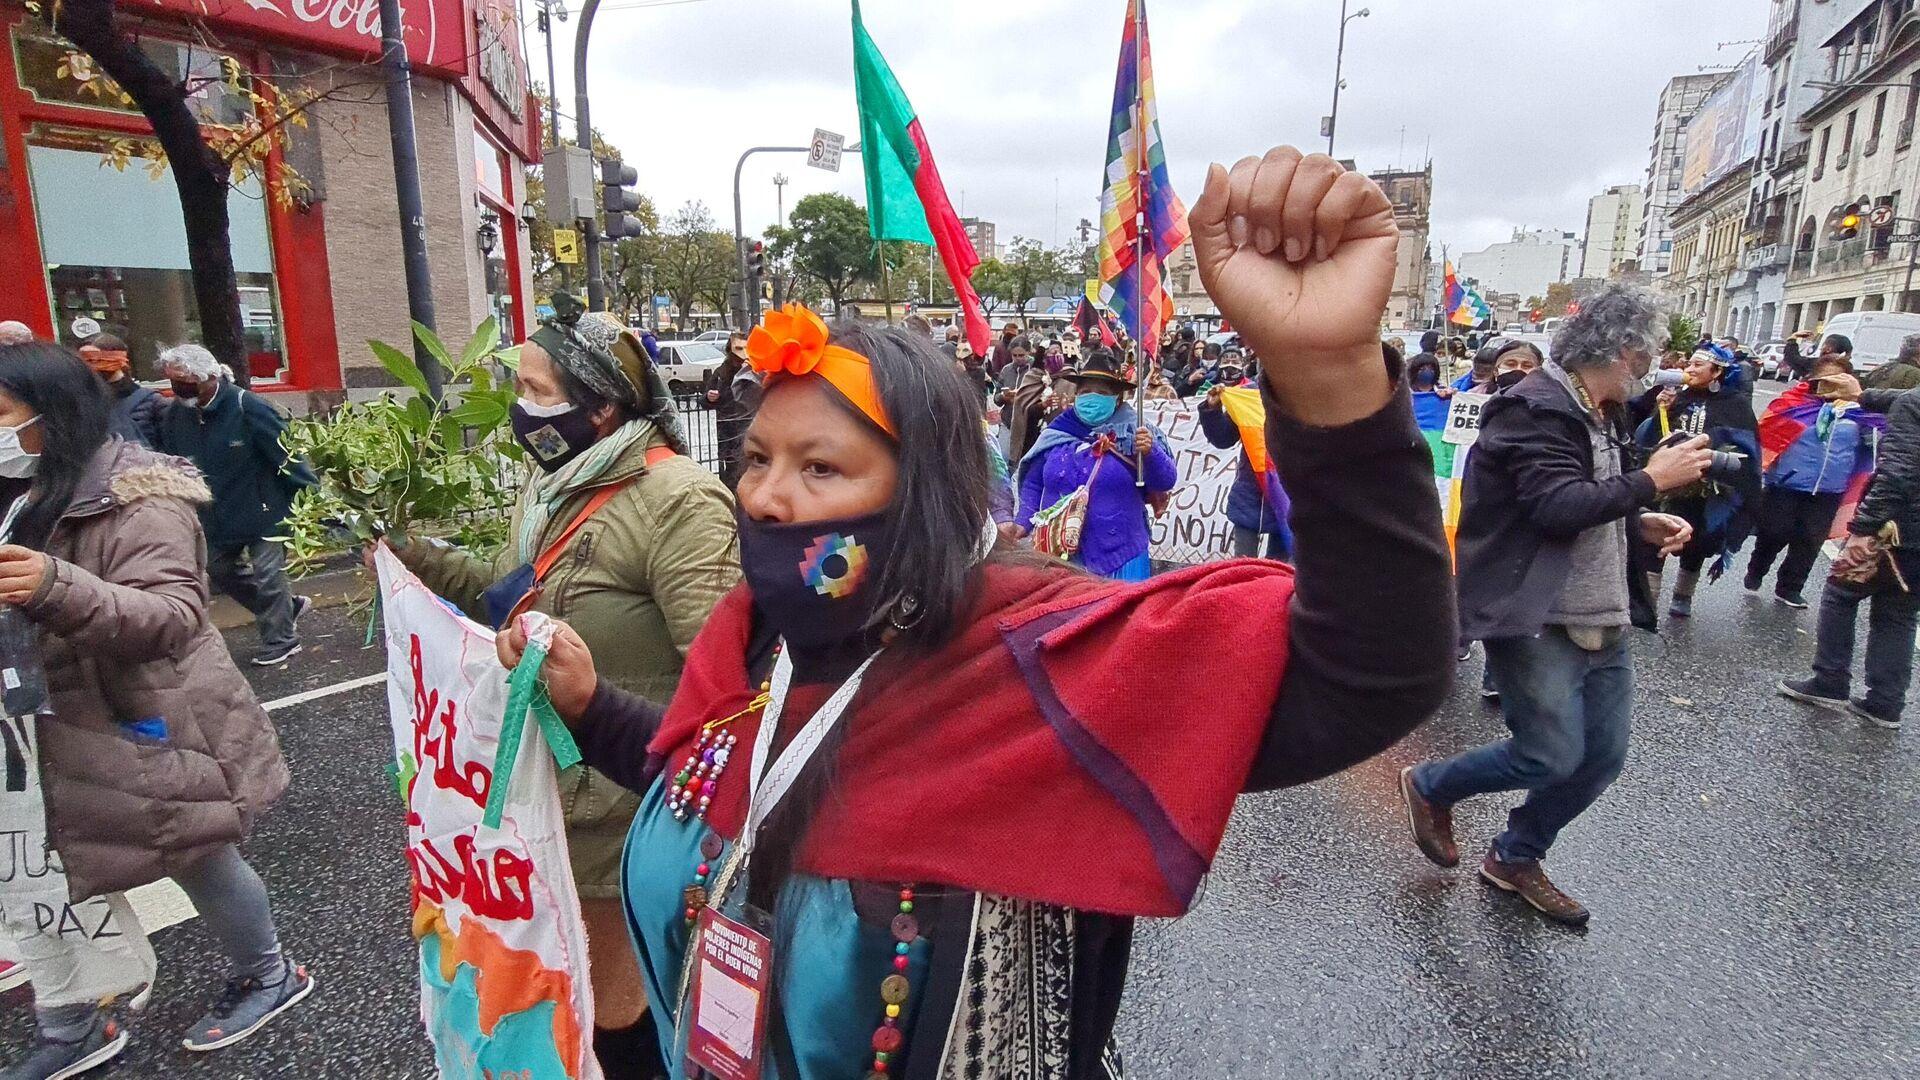 Integrantes del Movimiento de Mujeres Indígenas por el Buen Vivir reclaman por la protección de sus ecosistemas y las condiciones de vida de sus comunidades - Sputnik Mundo, 1920, 23.05.2021